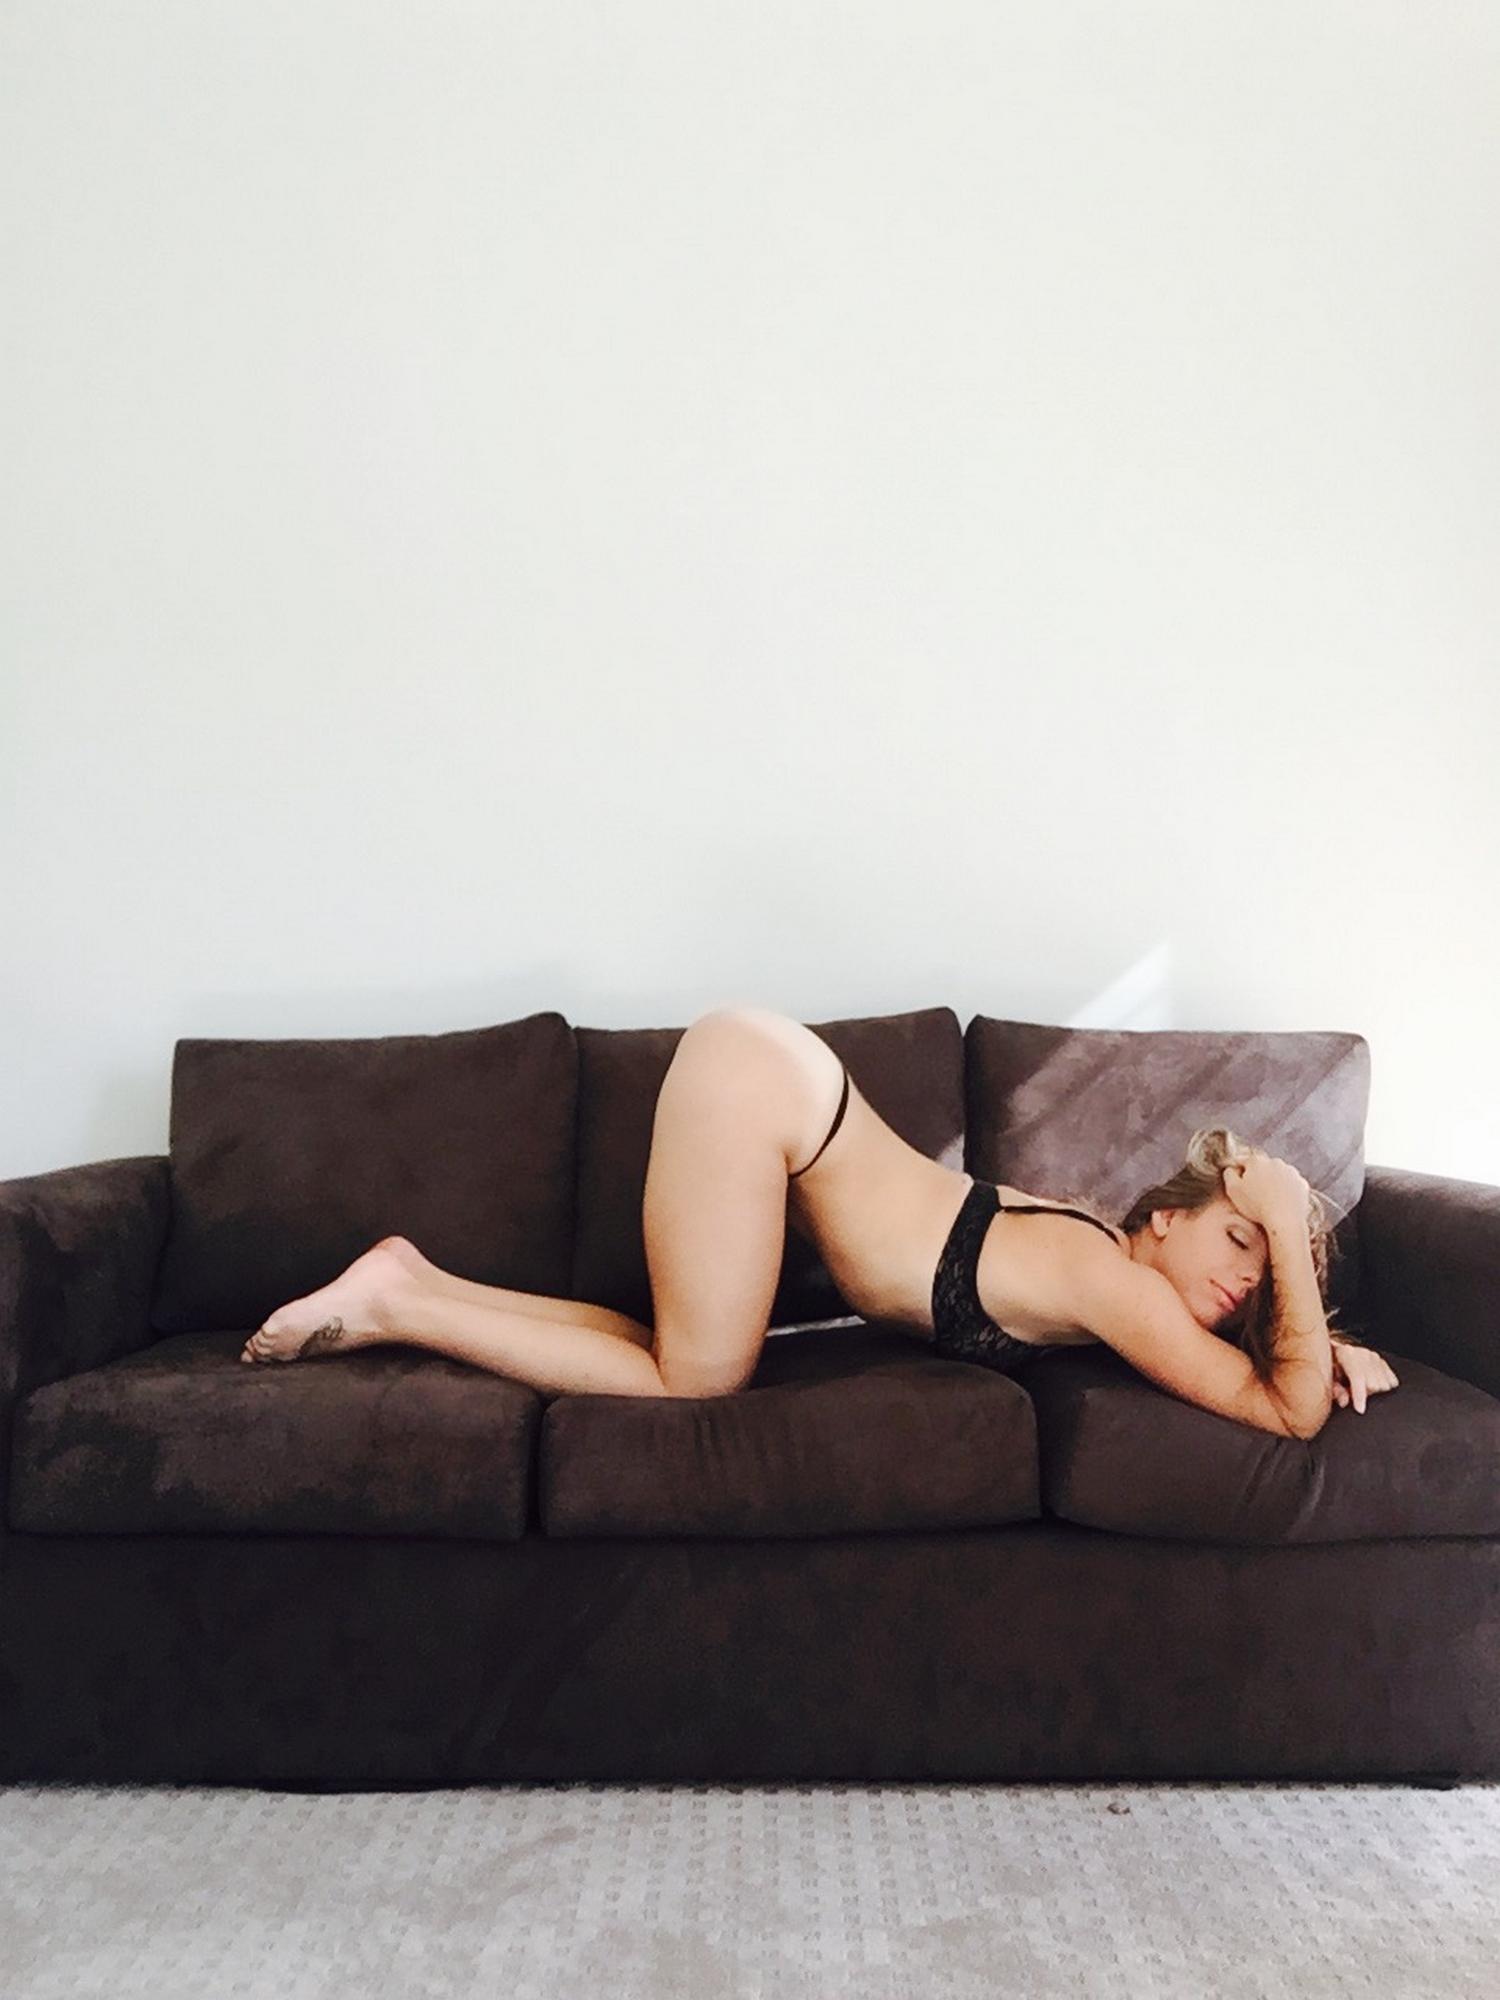 Селфи загорелой гимнастки с крепкой попкой 16 фото